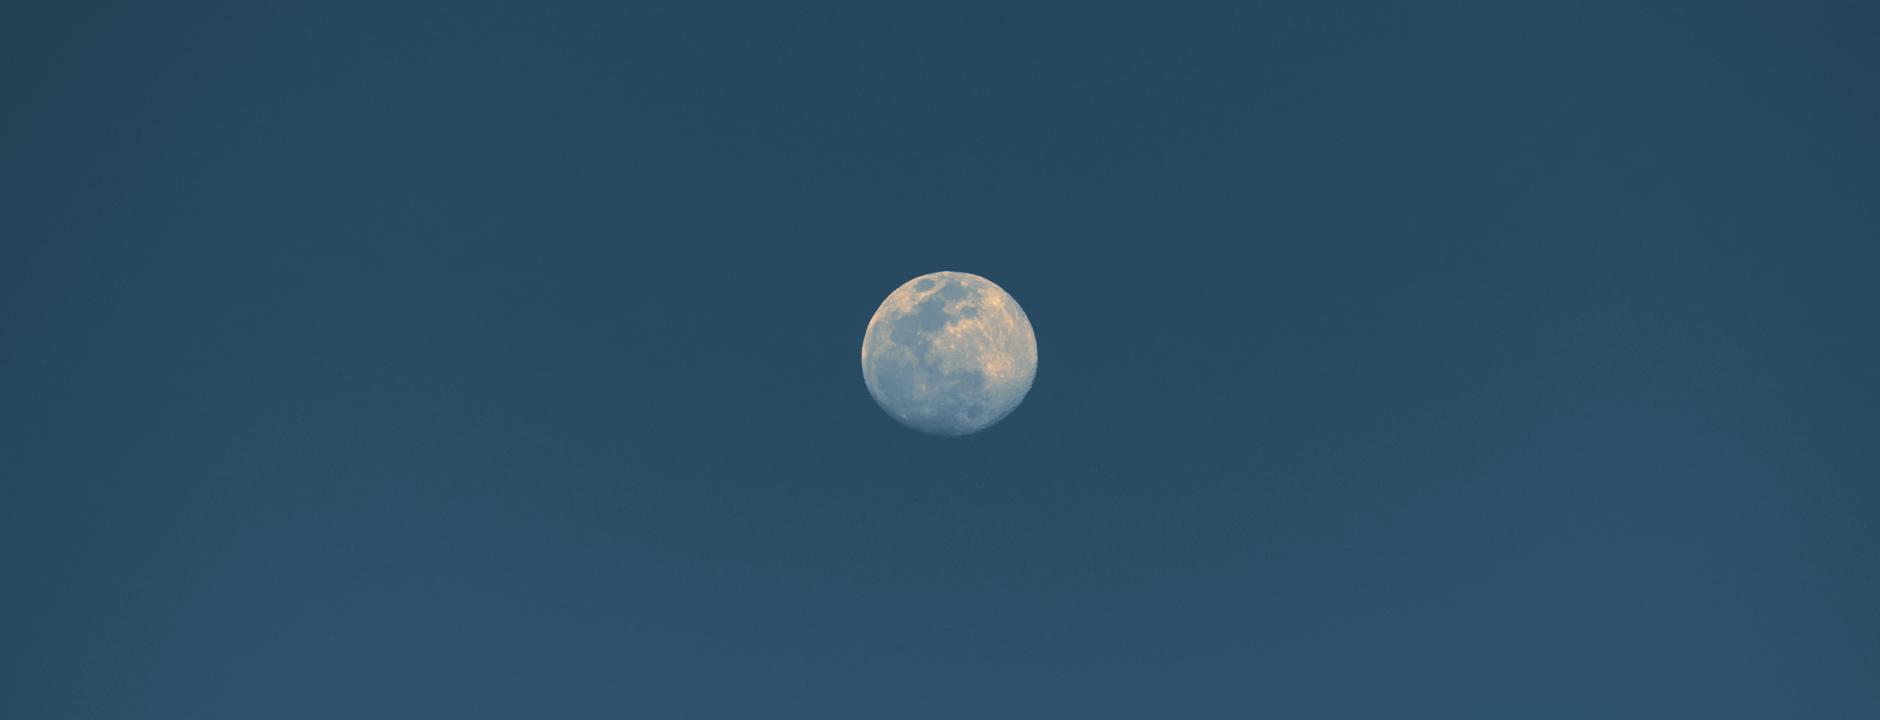 月亮對人的影響